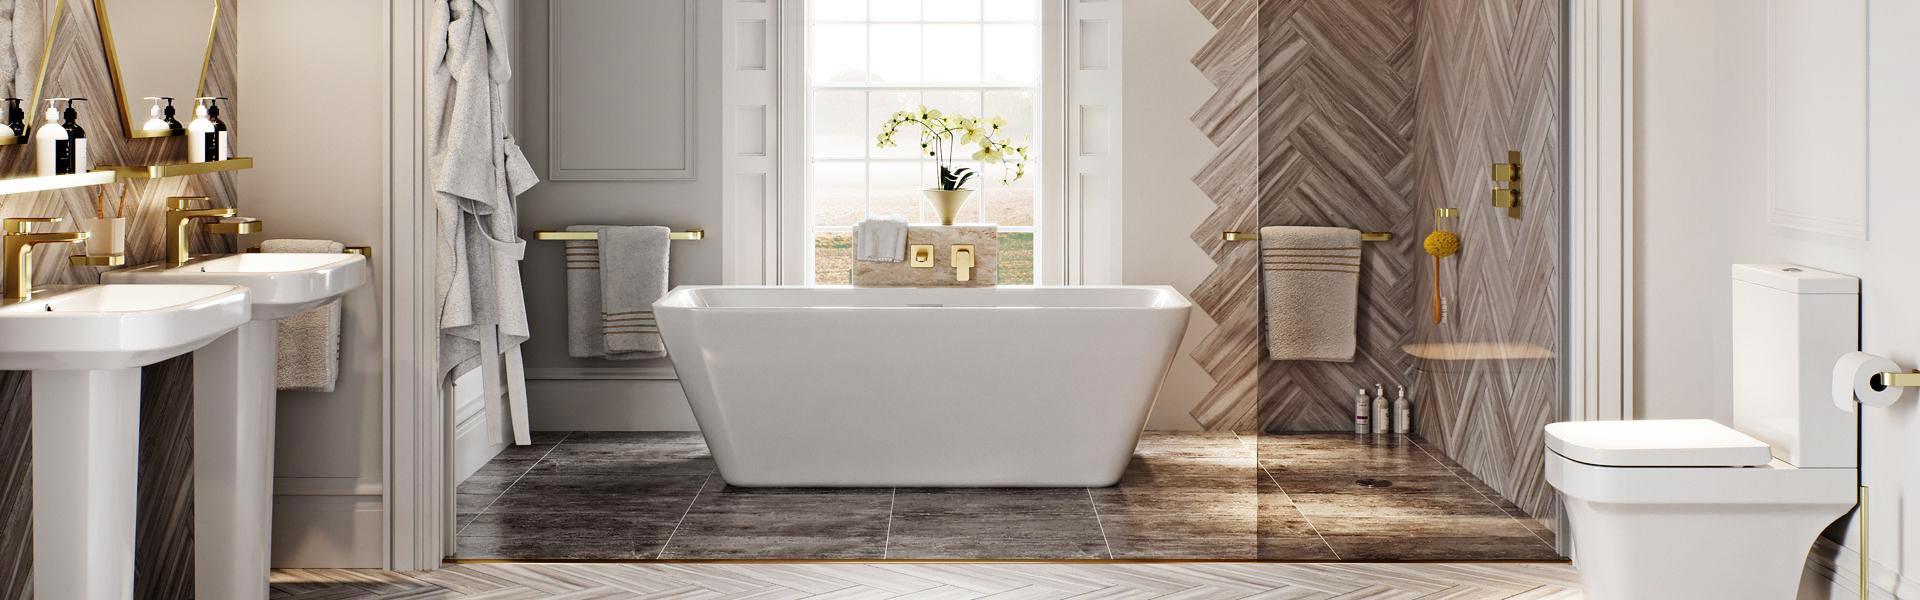 Salon De Bain Moderne salle de bain moderne - 10 belles réalisations - envie déco